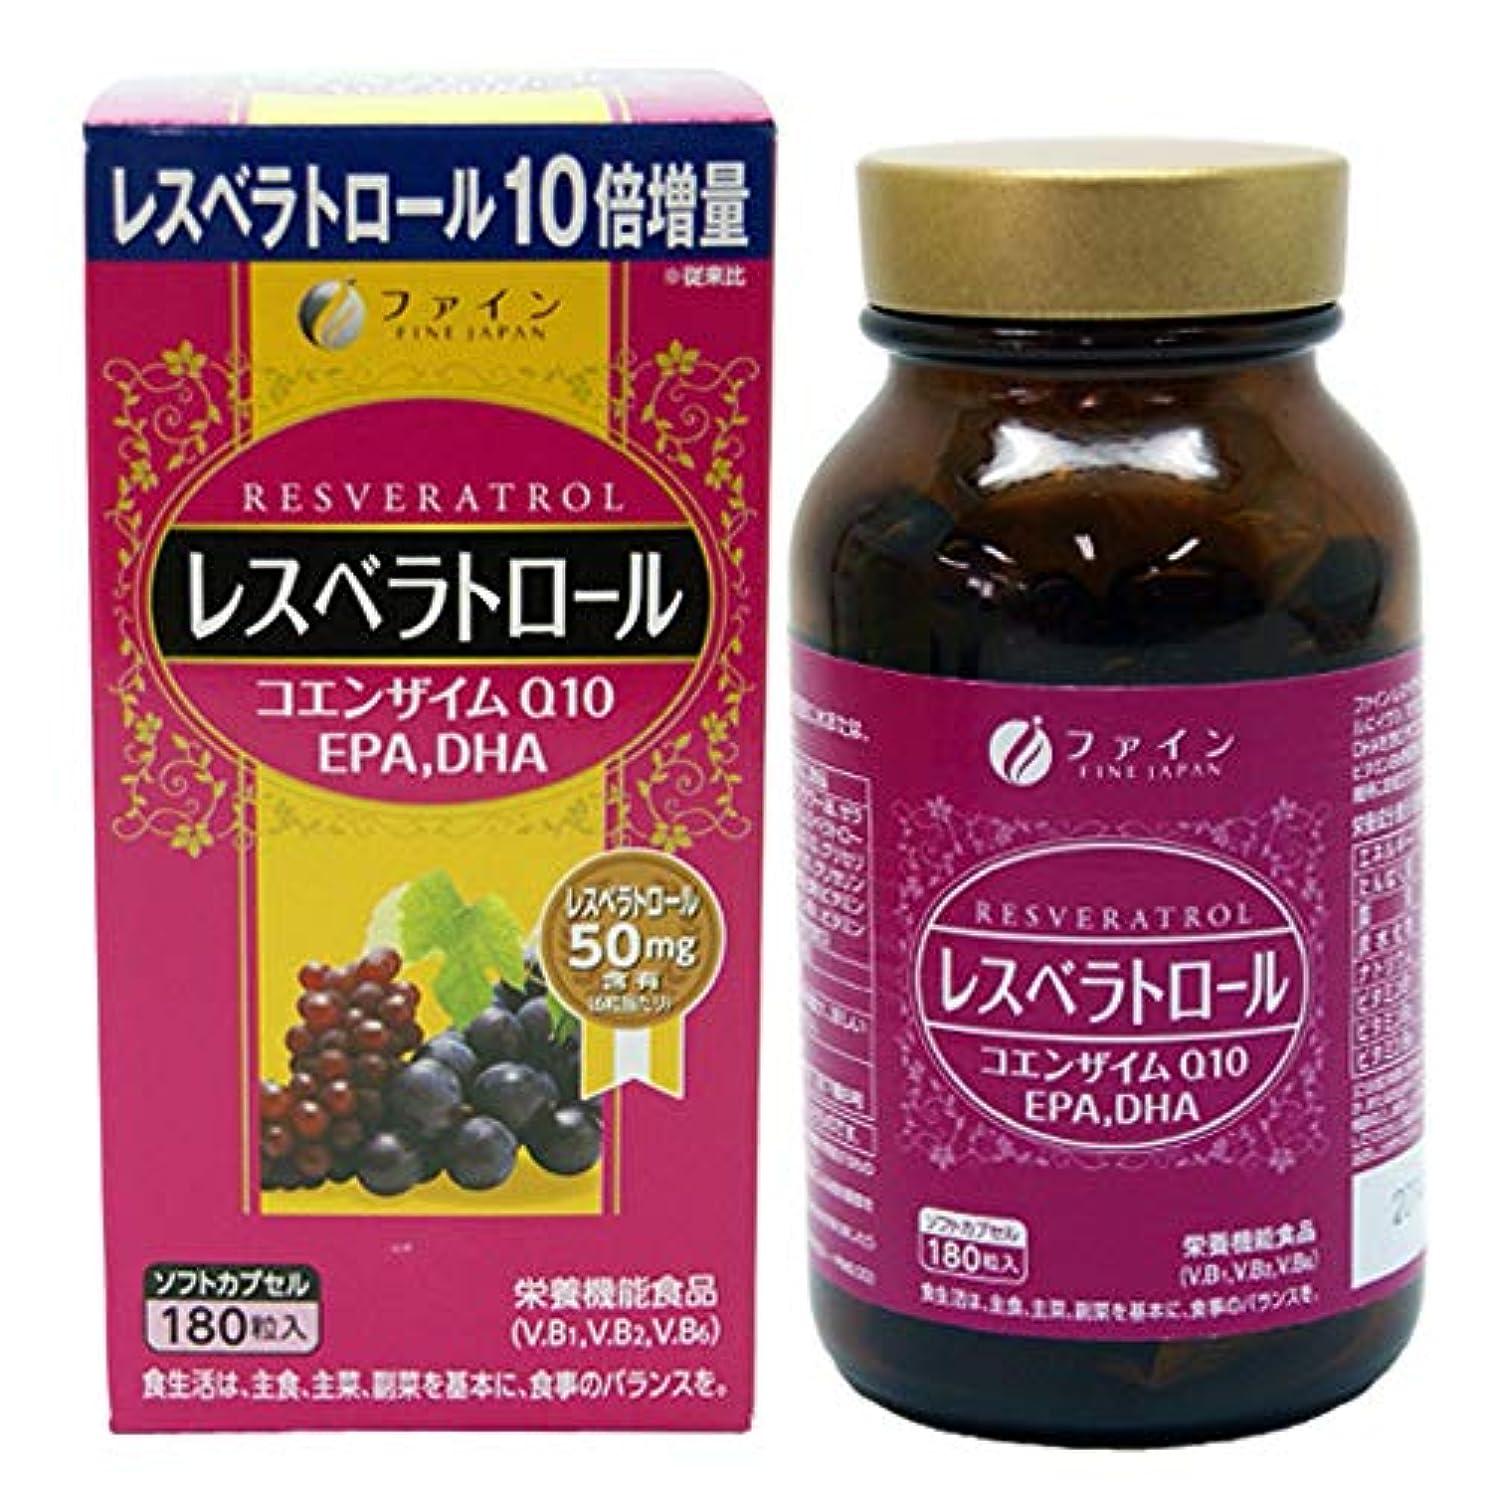 その後不均一難しいファイン レスベラトロール 30日分(180粒入) EPA DHA コエンザイムQ10 配合